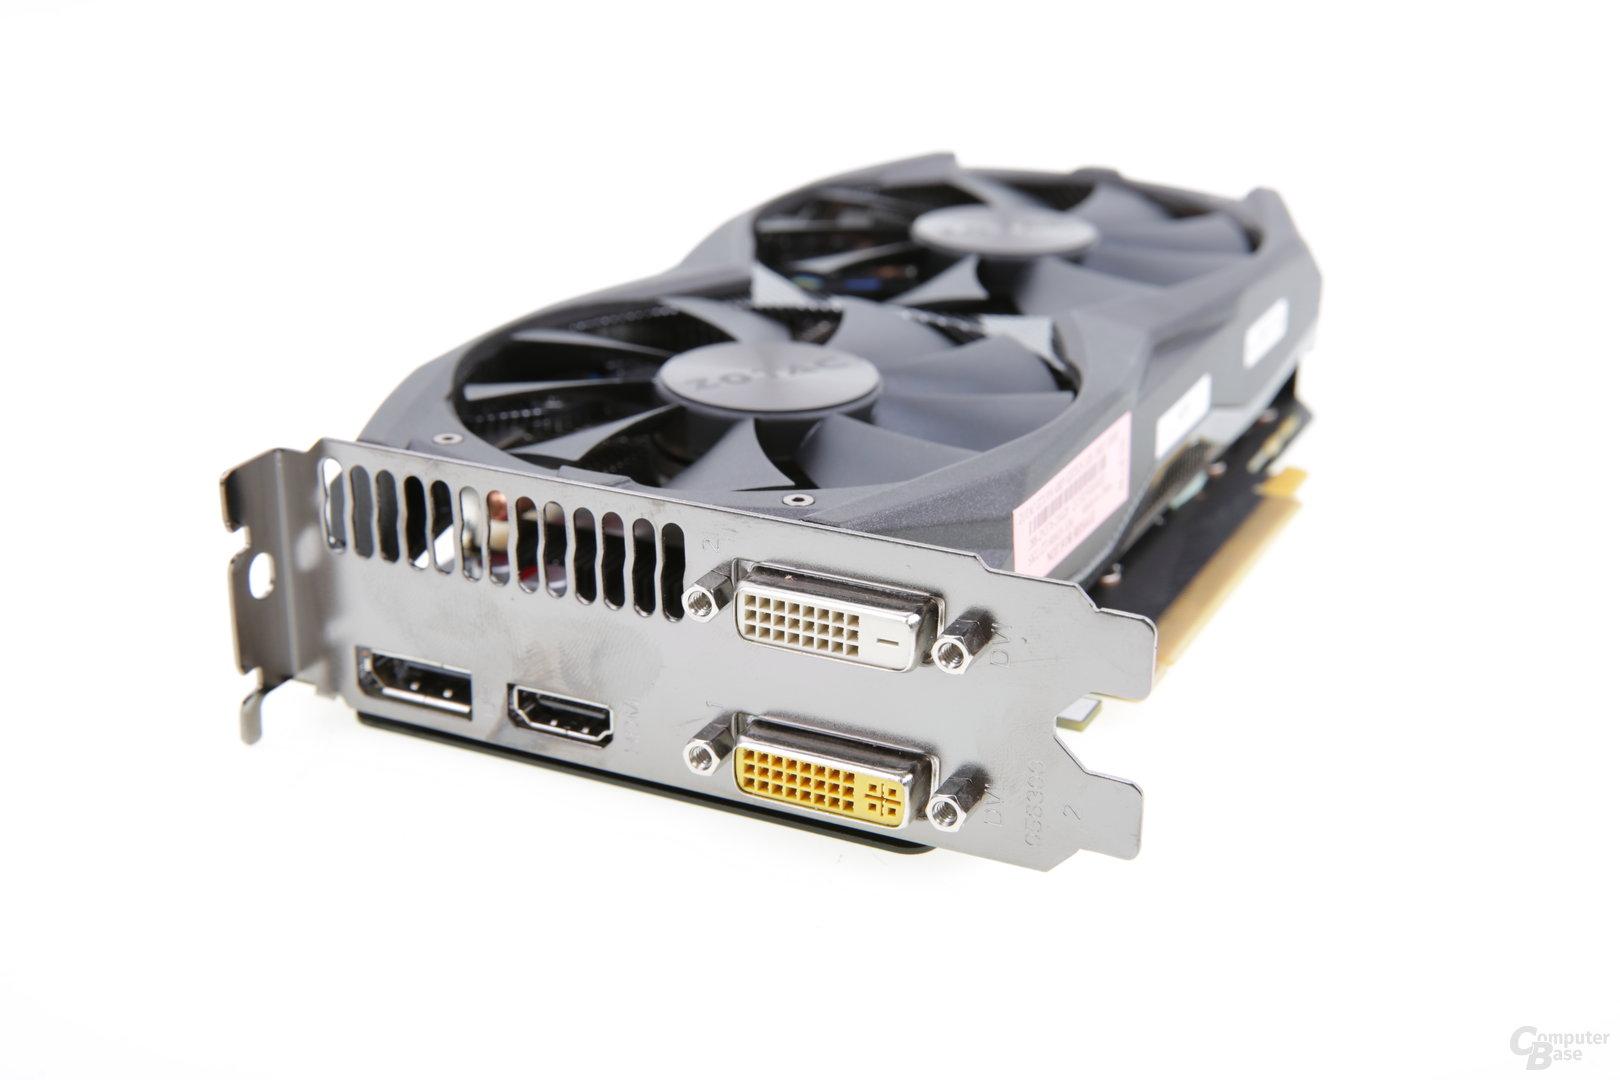 Zotac GeForce GTX 950 AMP! - Monitoranschlüsse